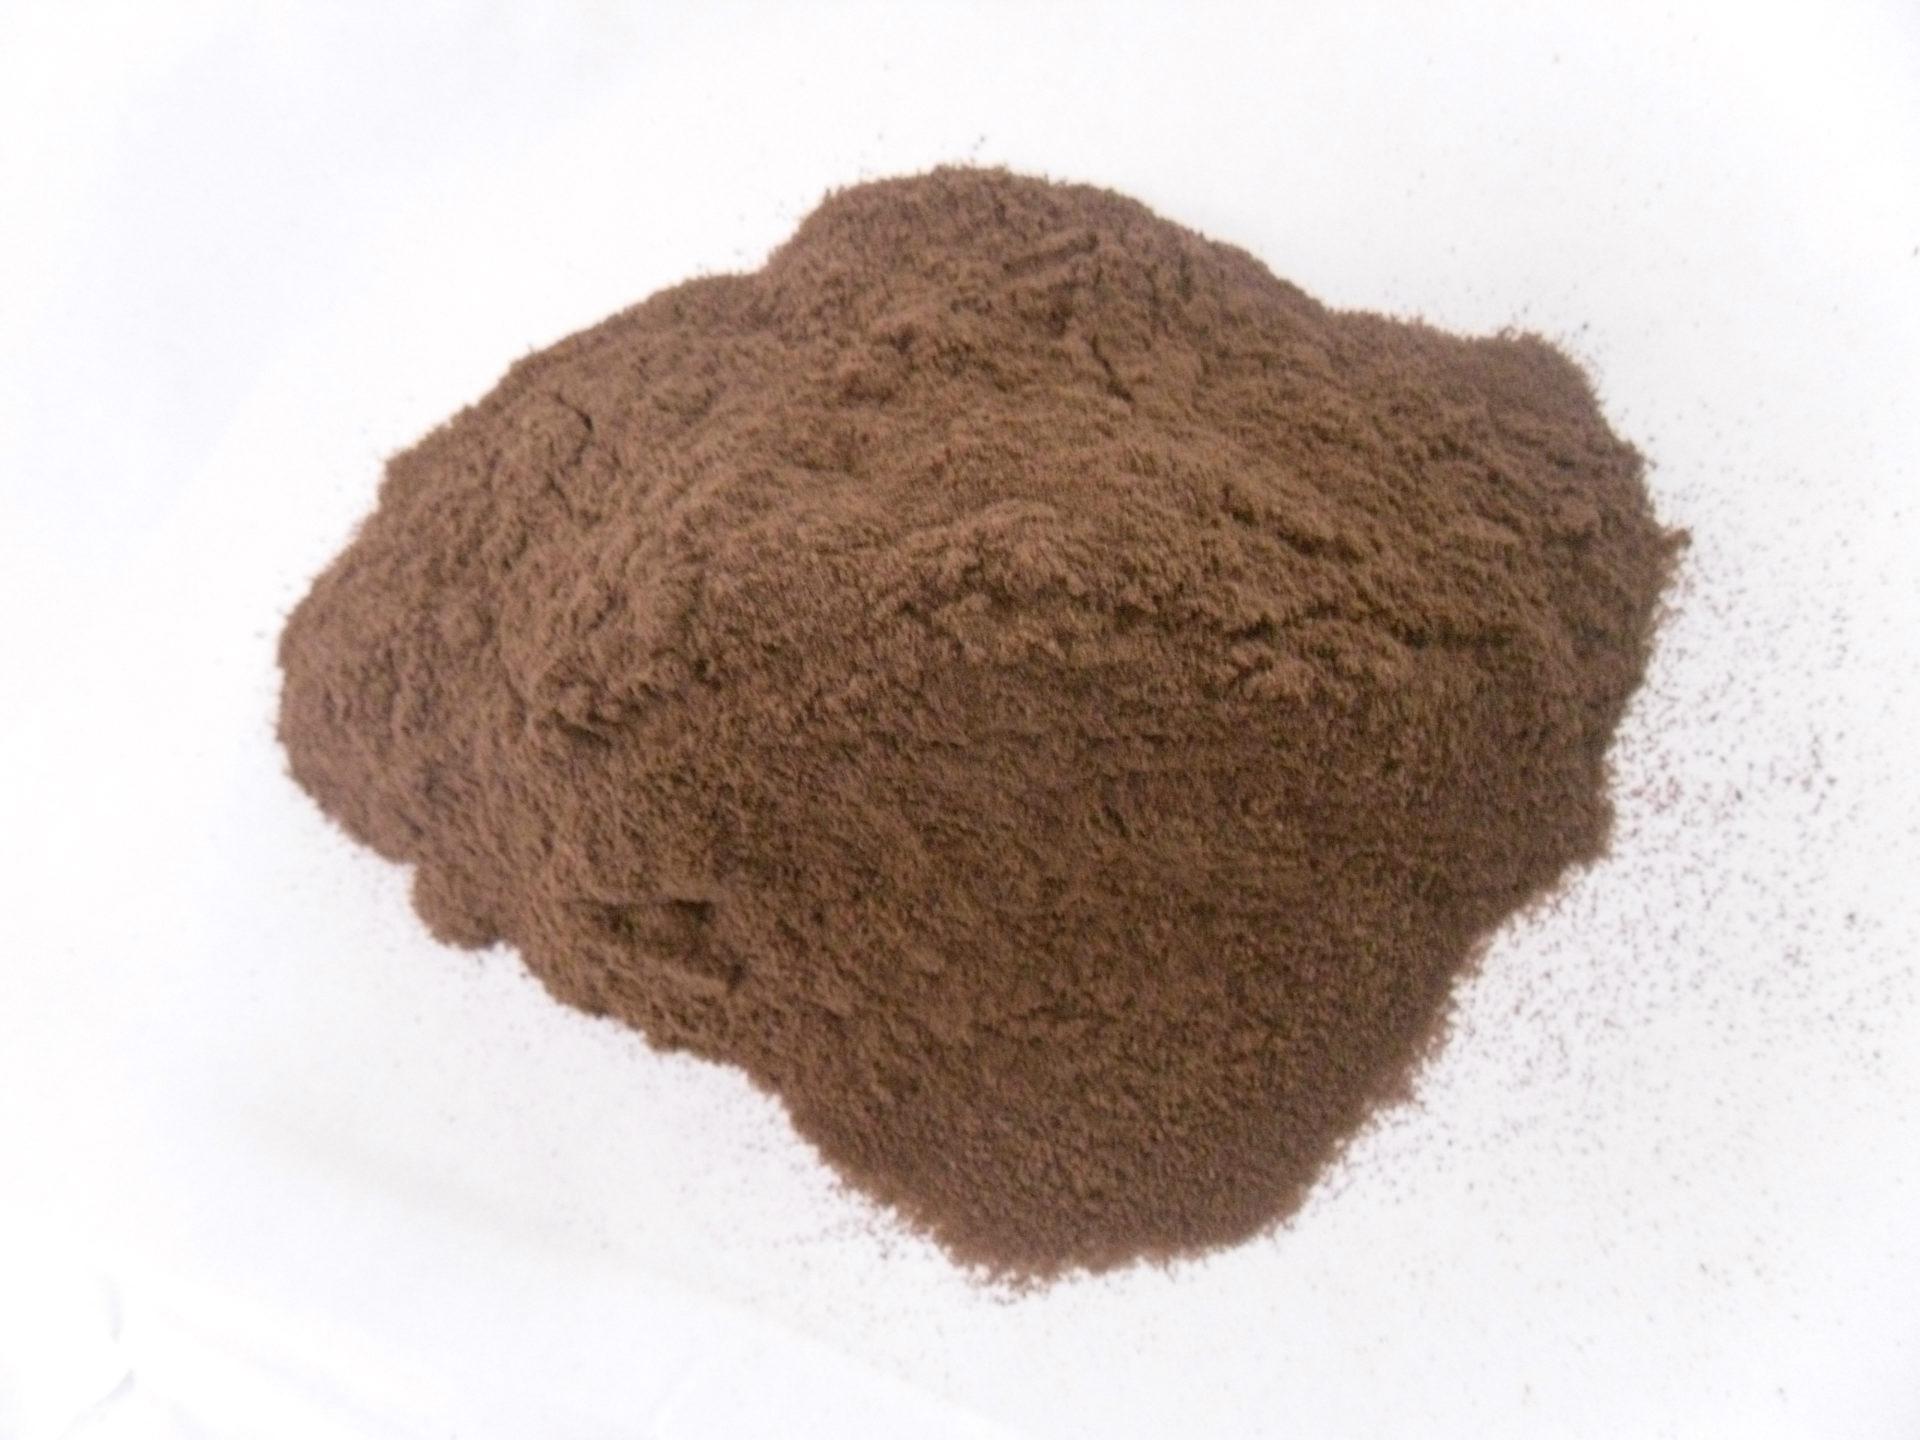 供应特制棕色麦芽糊精 咖啡色糊精 调味糖浆粉糊精生产商山东菏泽